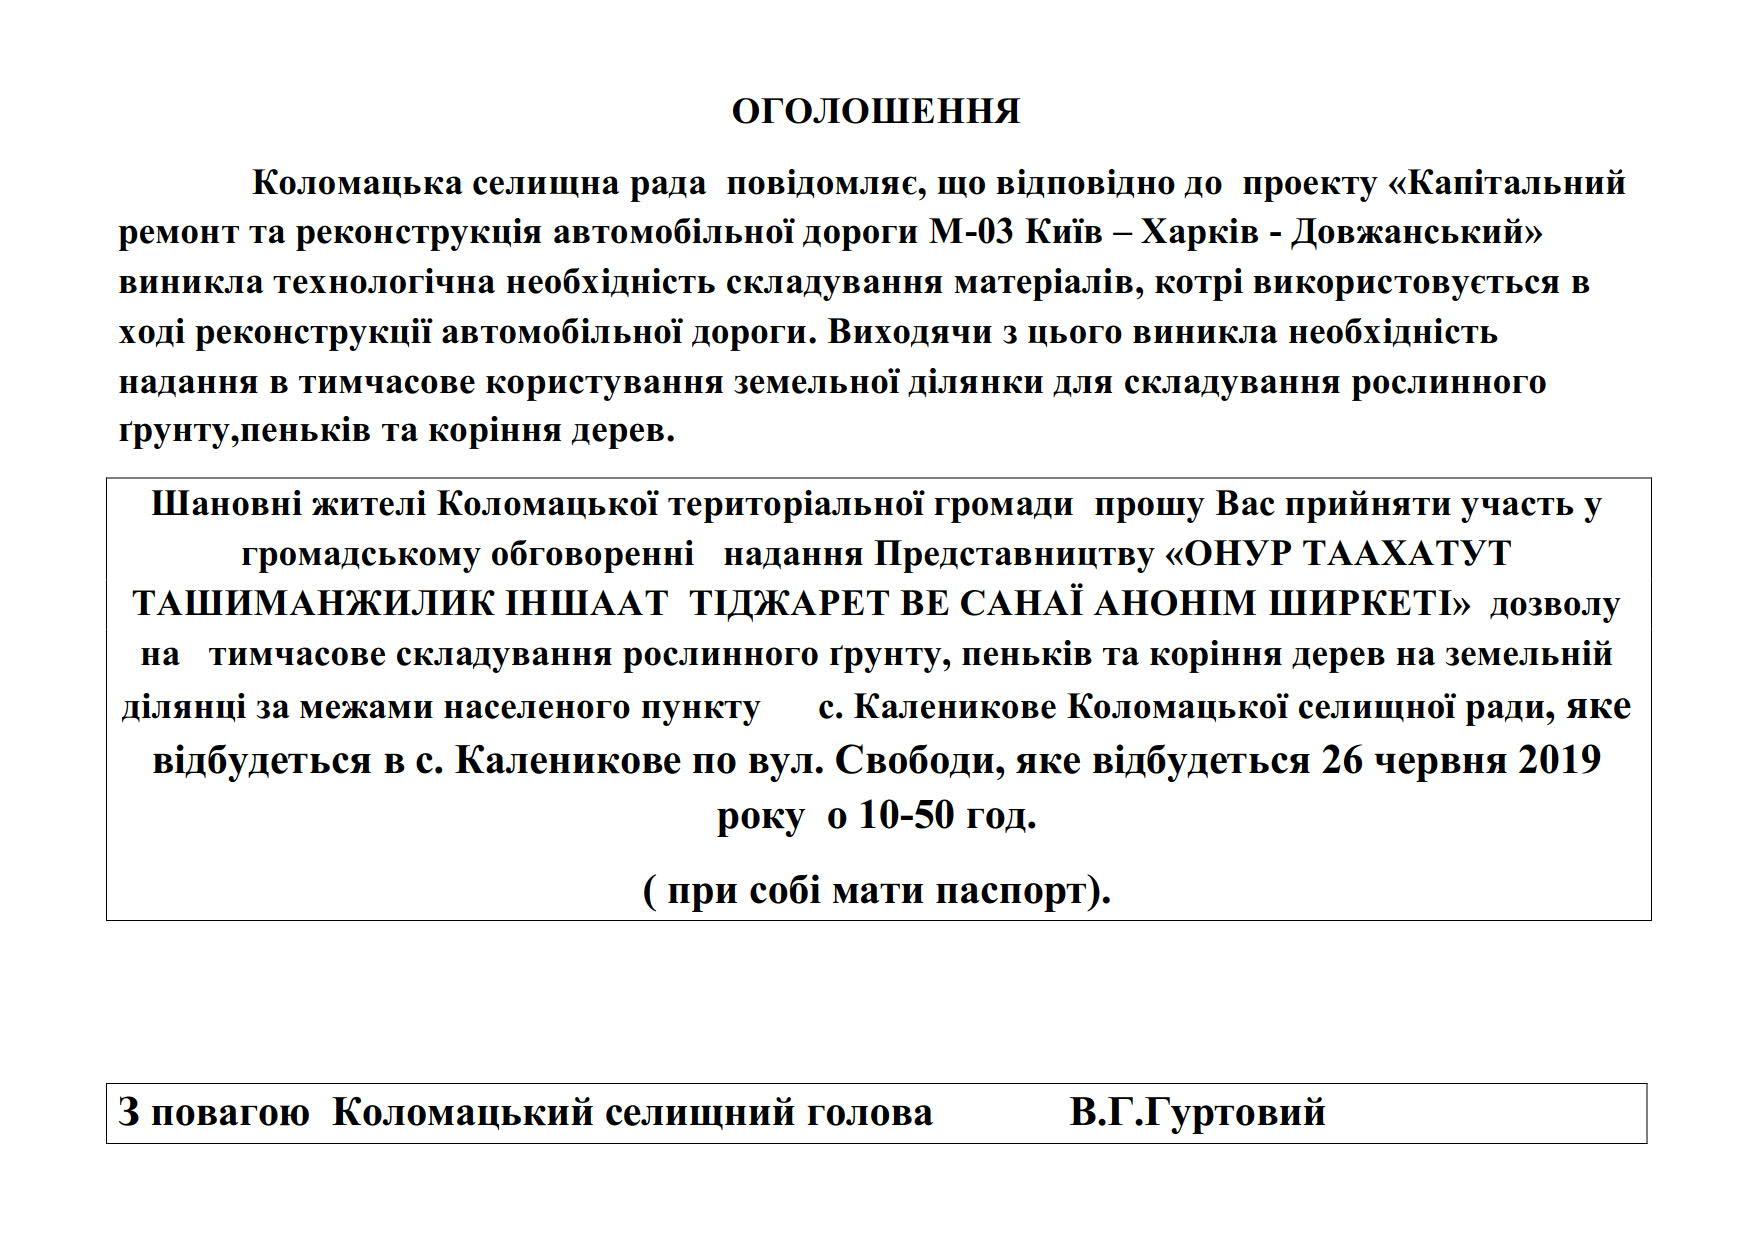 ОГОЛОШЕННЯ Каленикове_1